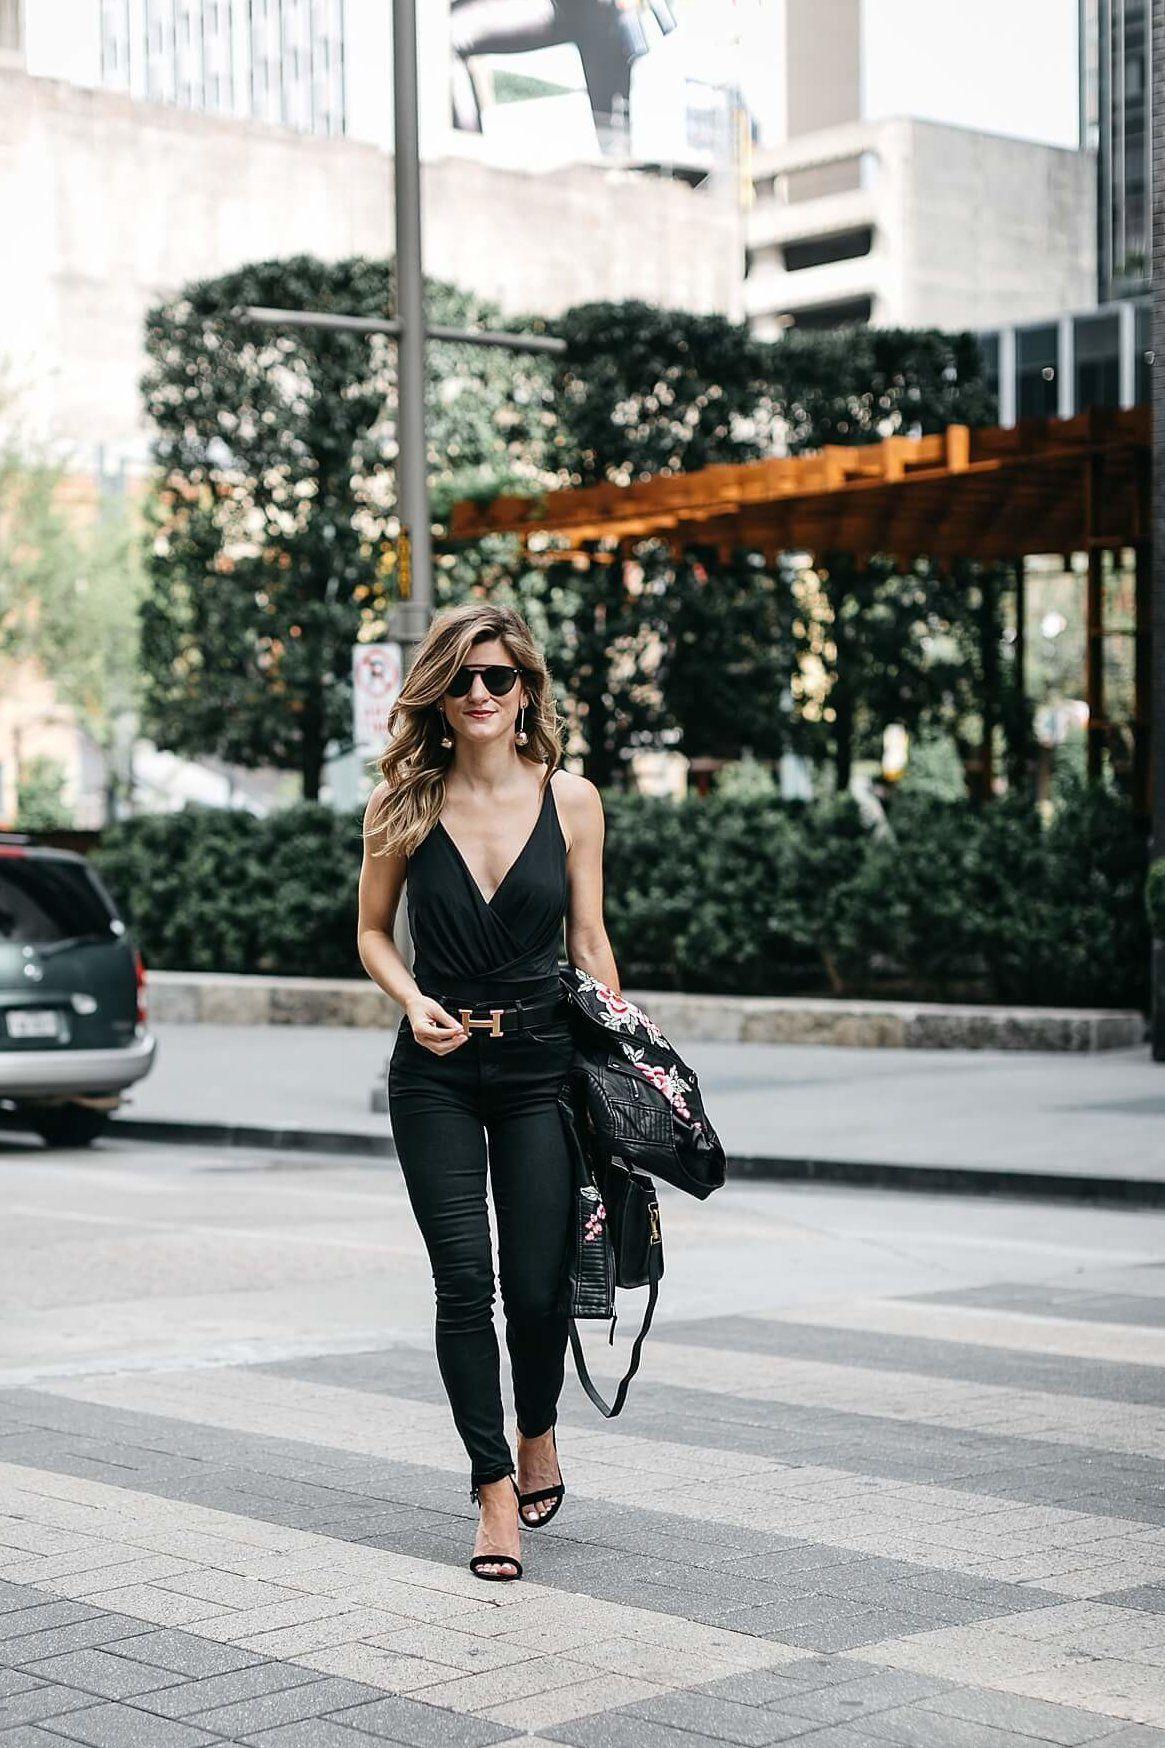 7e5dfb9c7e Black bodysuit+black skinny jeans+black ankle strap heeled sandals+black  shoulder bag+black floral embroidery leather jacket+long earrings+black  sunglasses.